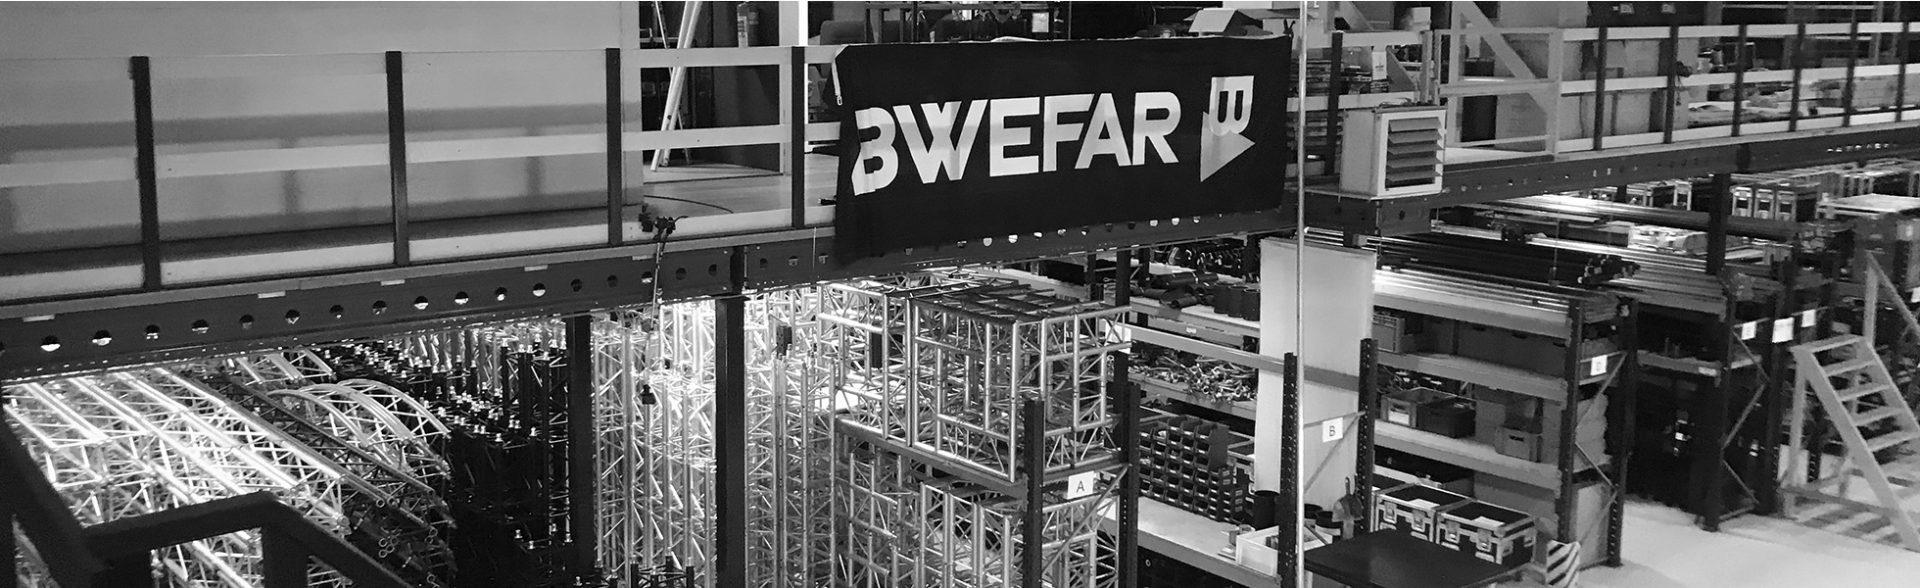 Bwefar: interieur bestaand